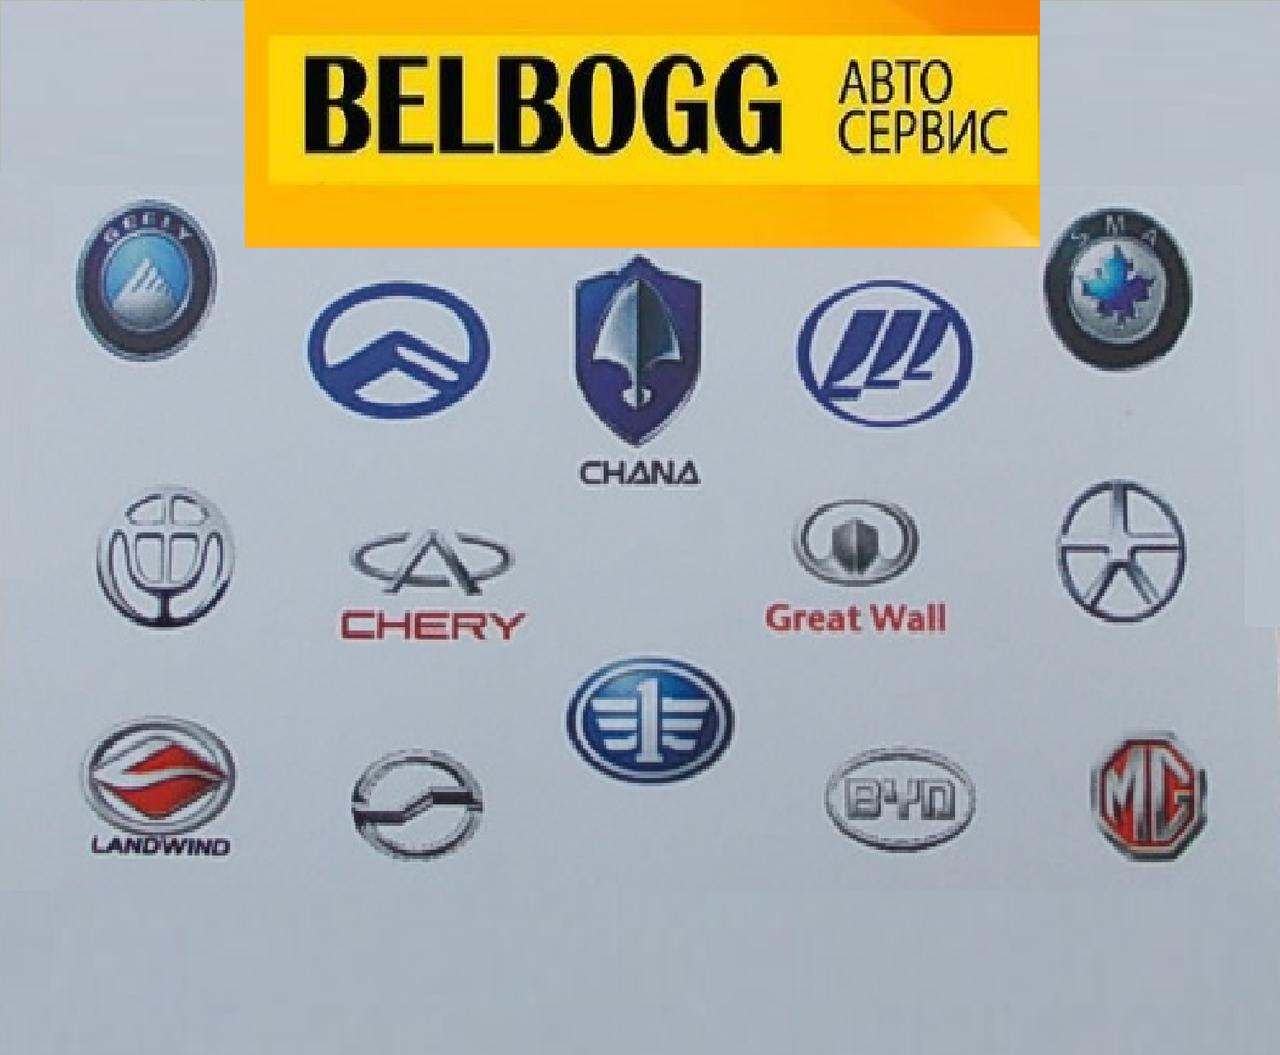 Трубка компрессора выпускная BYD F3, F3R, New F3, Бид Ф3, Ф3Р, Бід Ф3 - Автосервис BELBOGG — запчасти на китайские автомобили в Киевской области